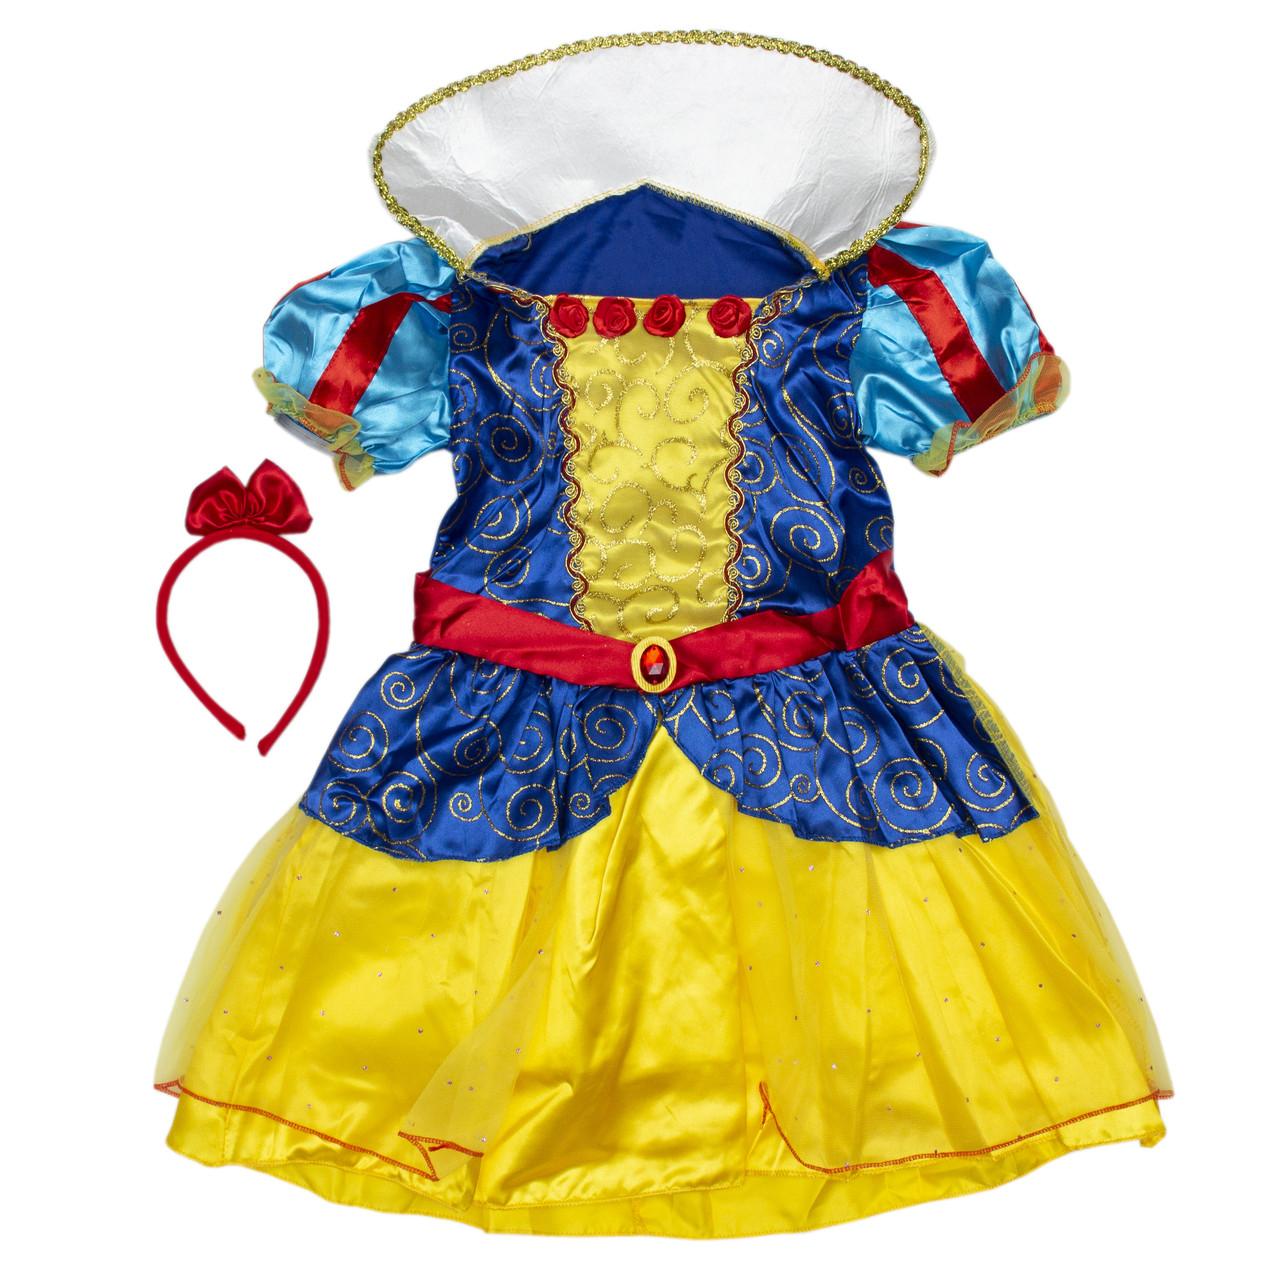 Костюм детский карнавальный белоснежка, рост 110-120 см, желтый (091052B)